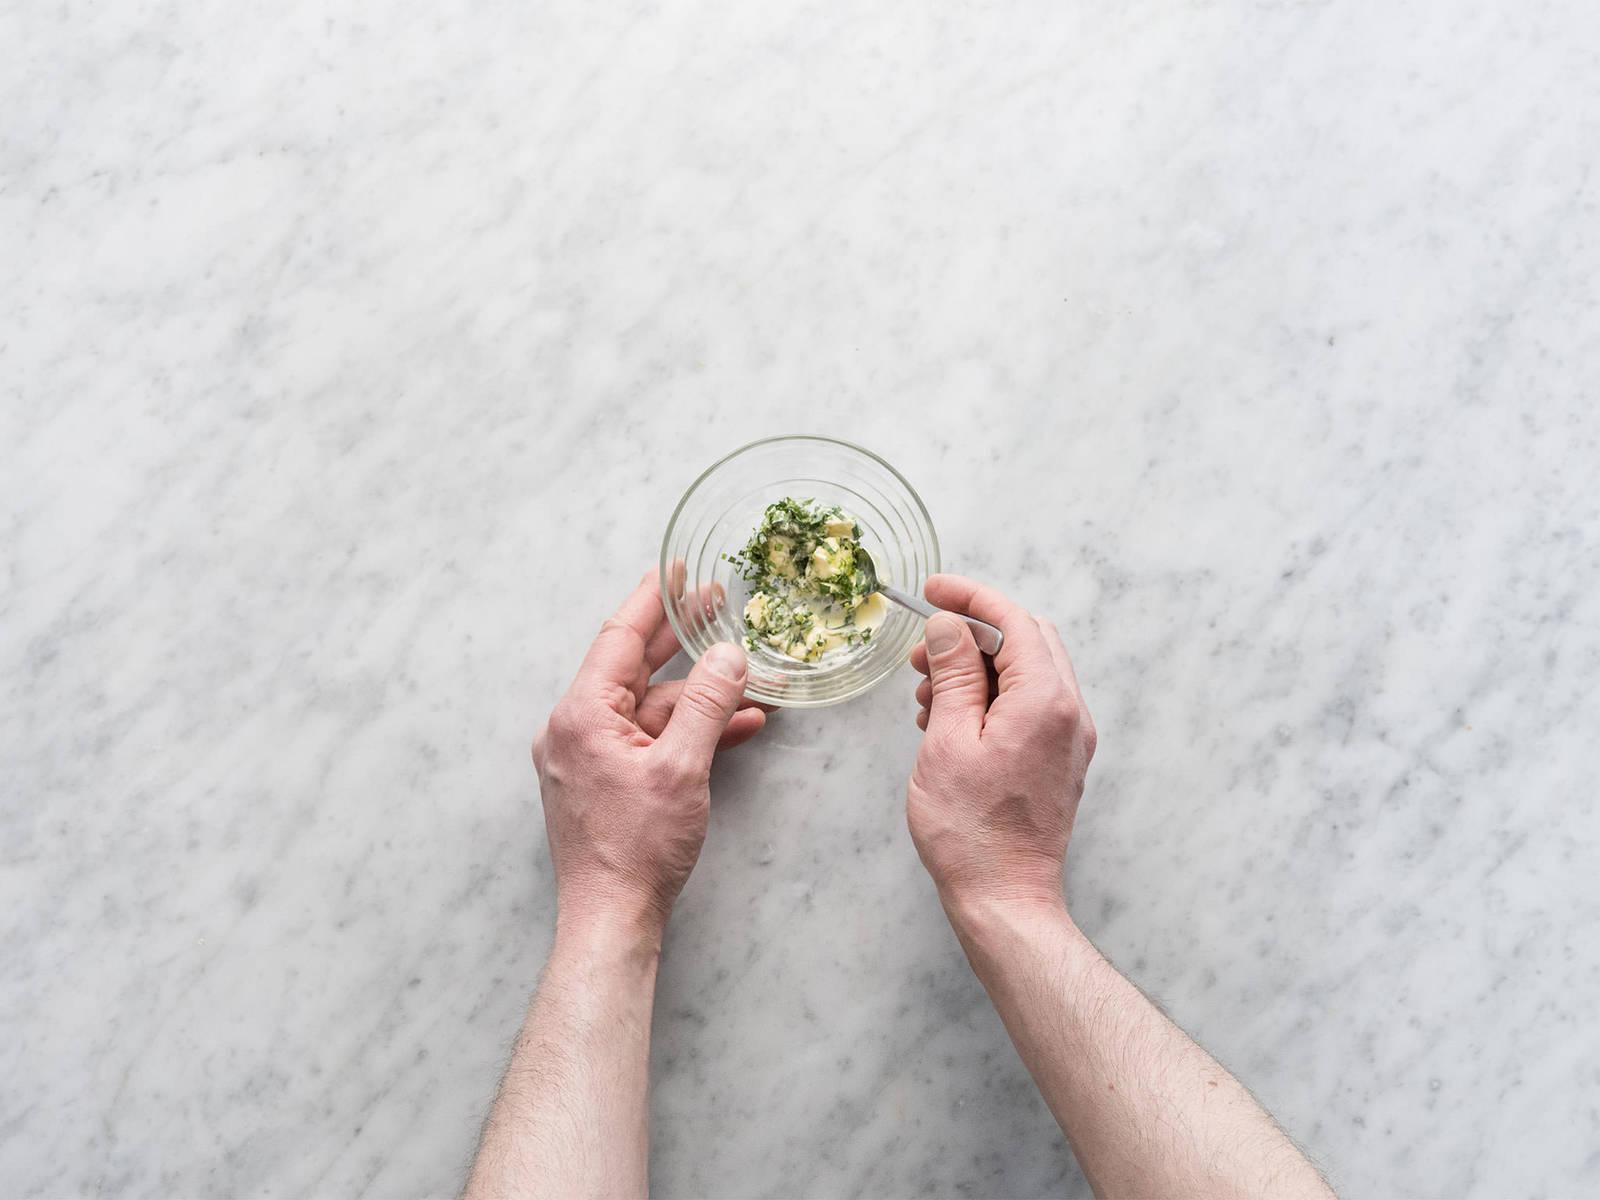 摘下龙蒿叶的叶子,并大略切碎。在一个小碗中混合软黄油和龙蒿叶碎。加盐与胡椒调味。